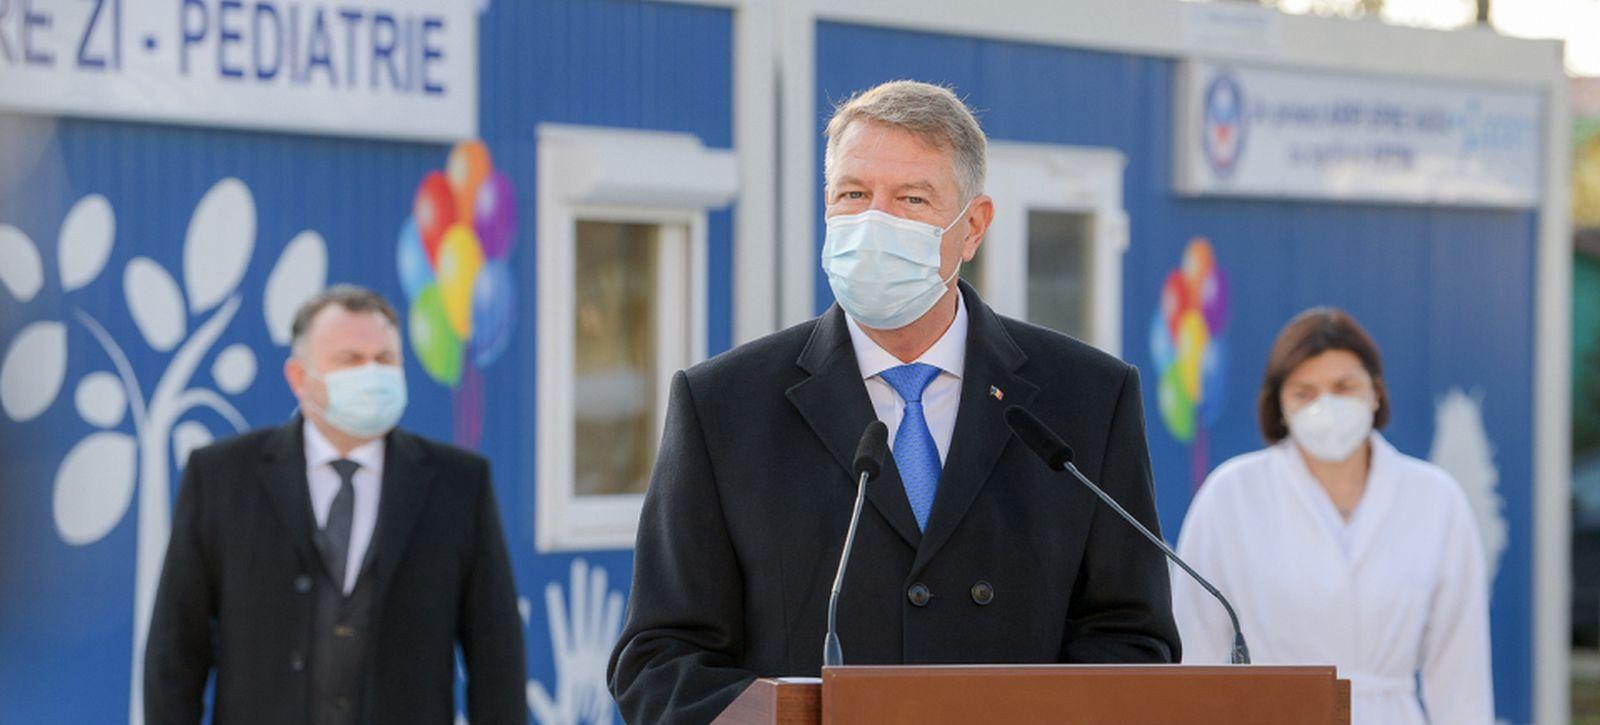 Președintele Klaus Iohannis în timpul conferinței de presă susținute pe 22 noiembrie. Sursă foto: presidency.ro